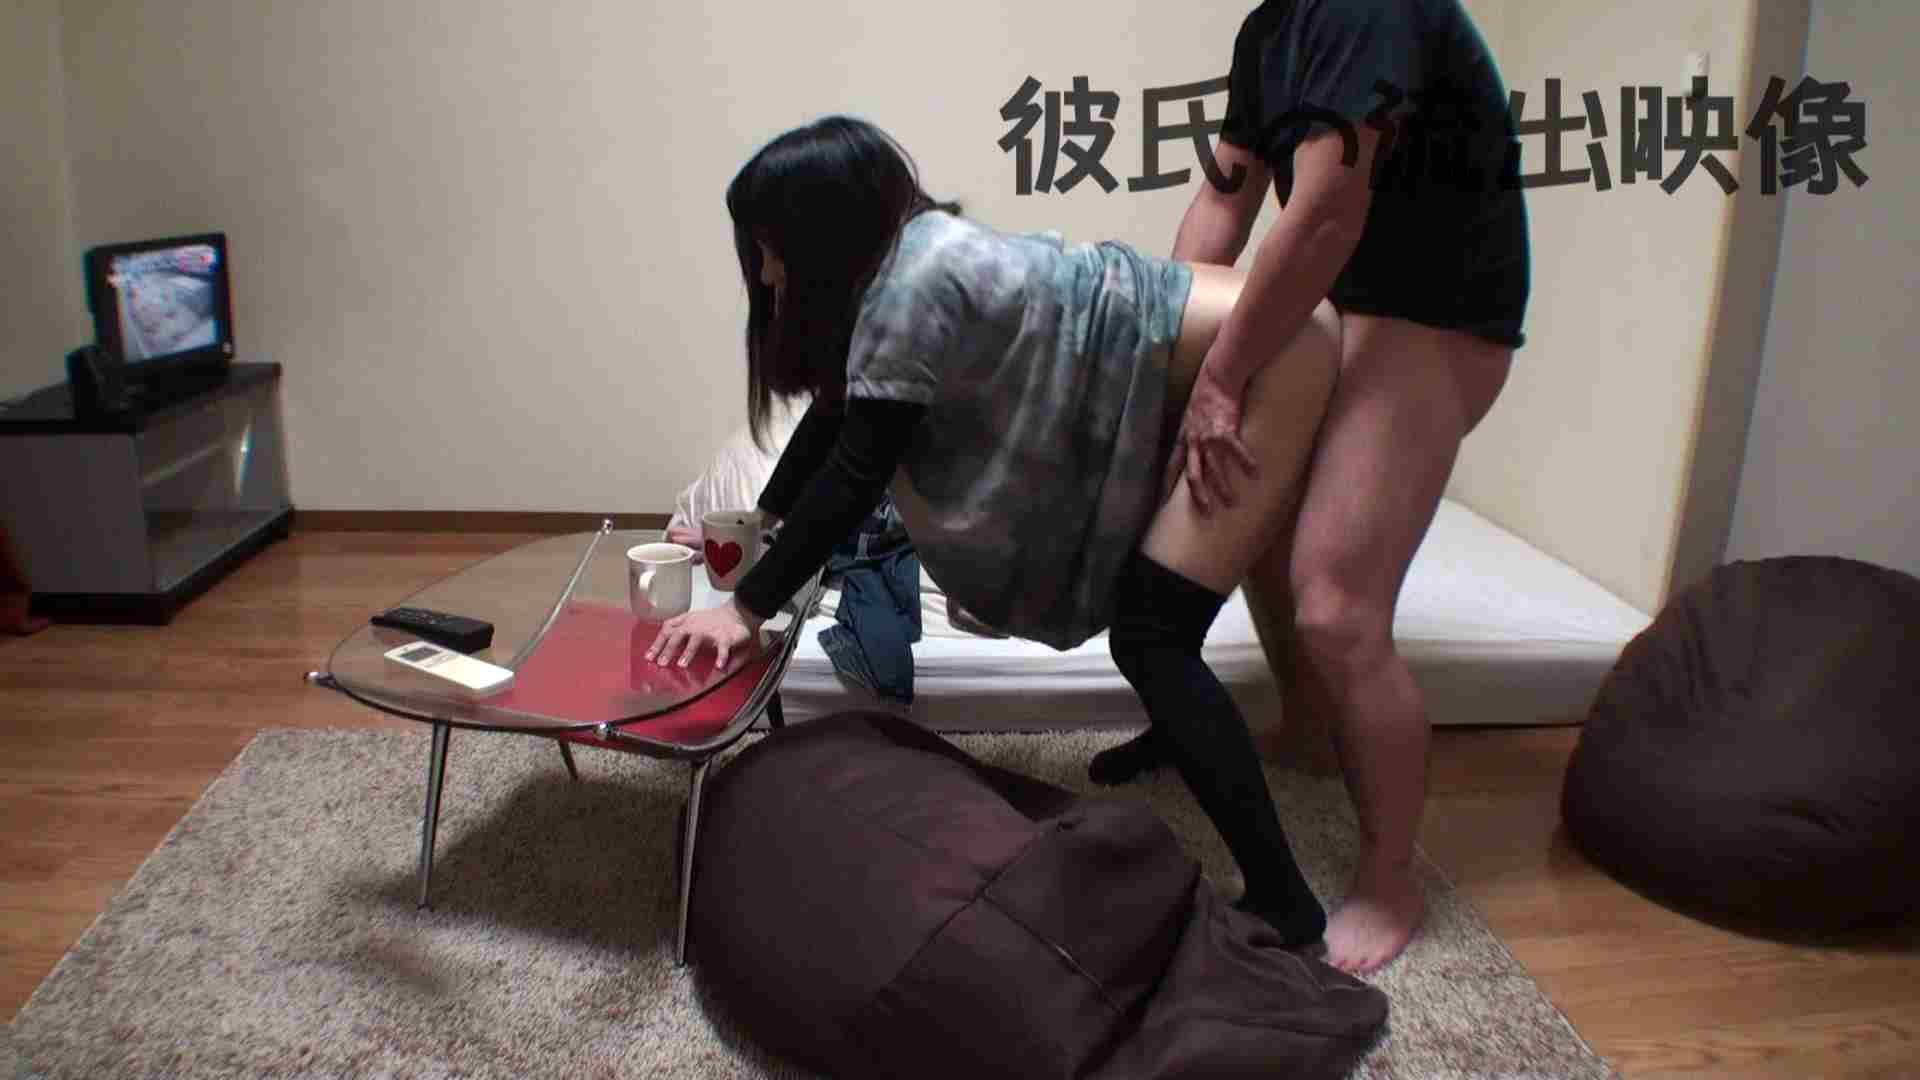 彼氏が流出 パイパン素人嬢のハメ撮り映像02 カップルのセックス   SEX  73PIX 61